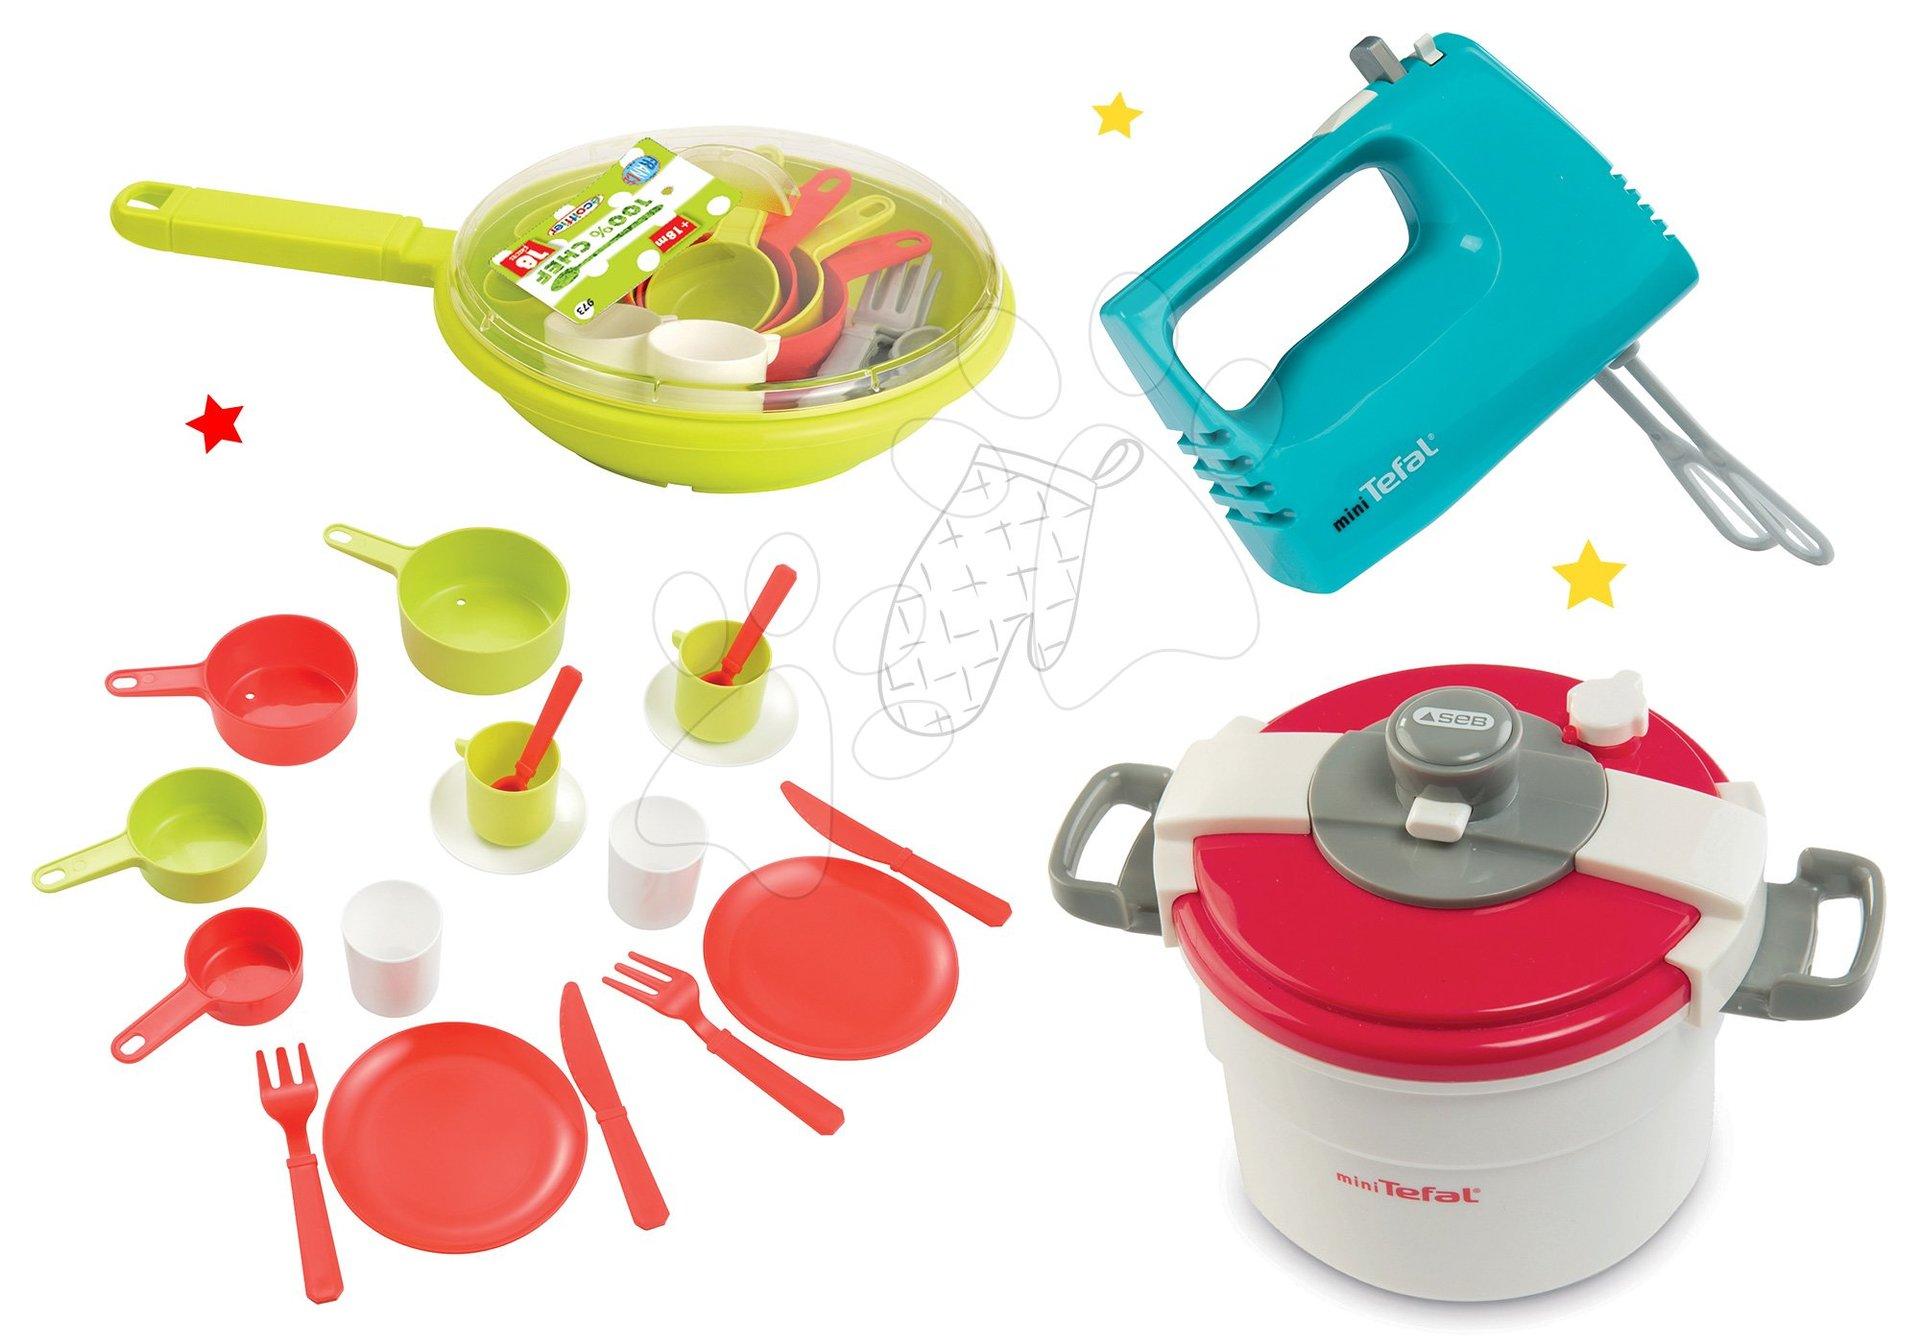 Set tlakový hrnec Mini Tefal Smoby ruční mixér Tefal s metličkami a pánev s nádobím